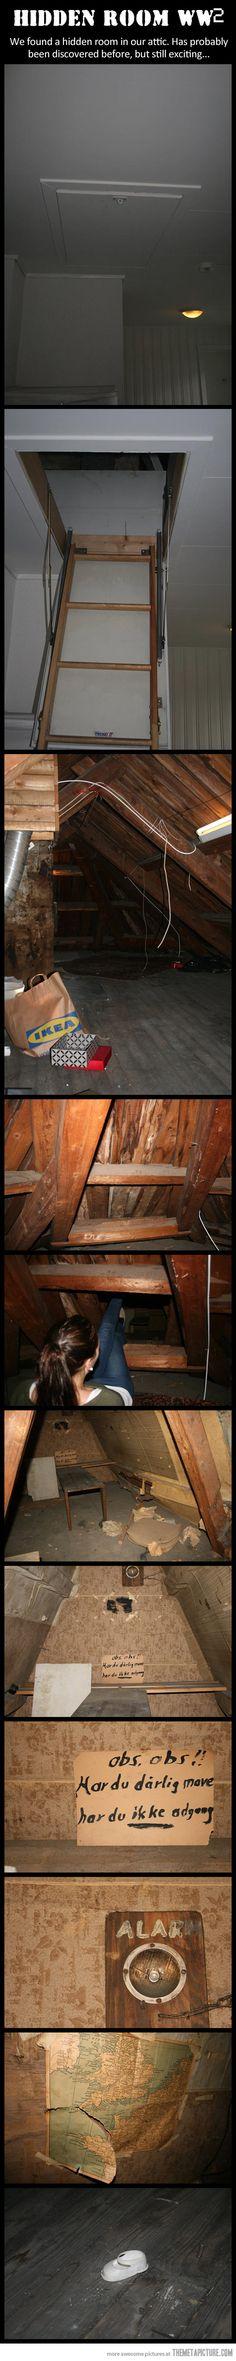 A hidden room from WW2…